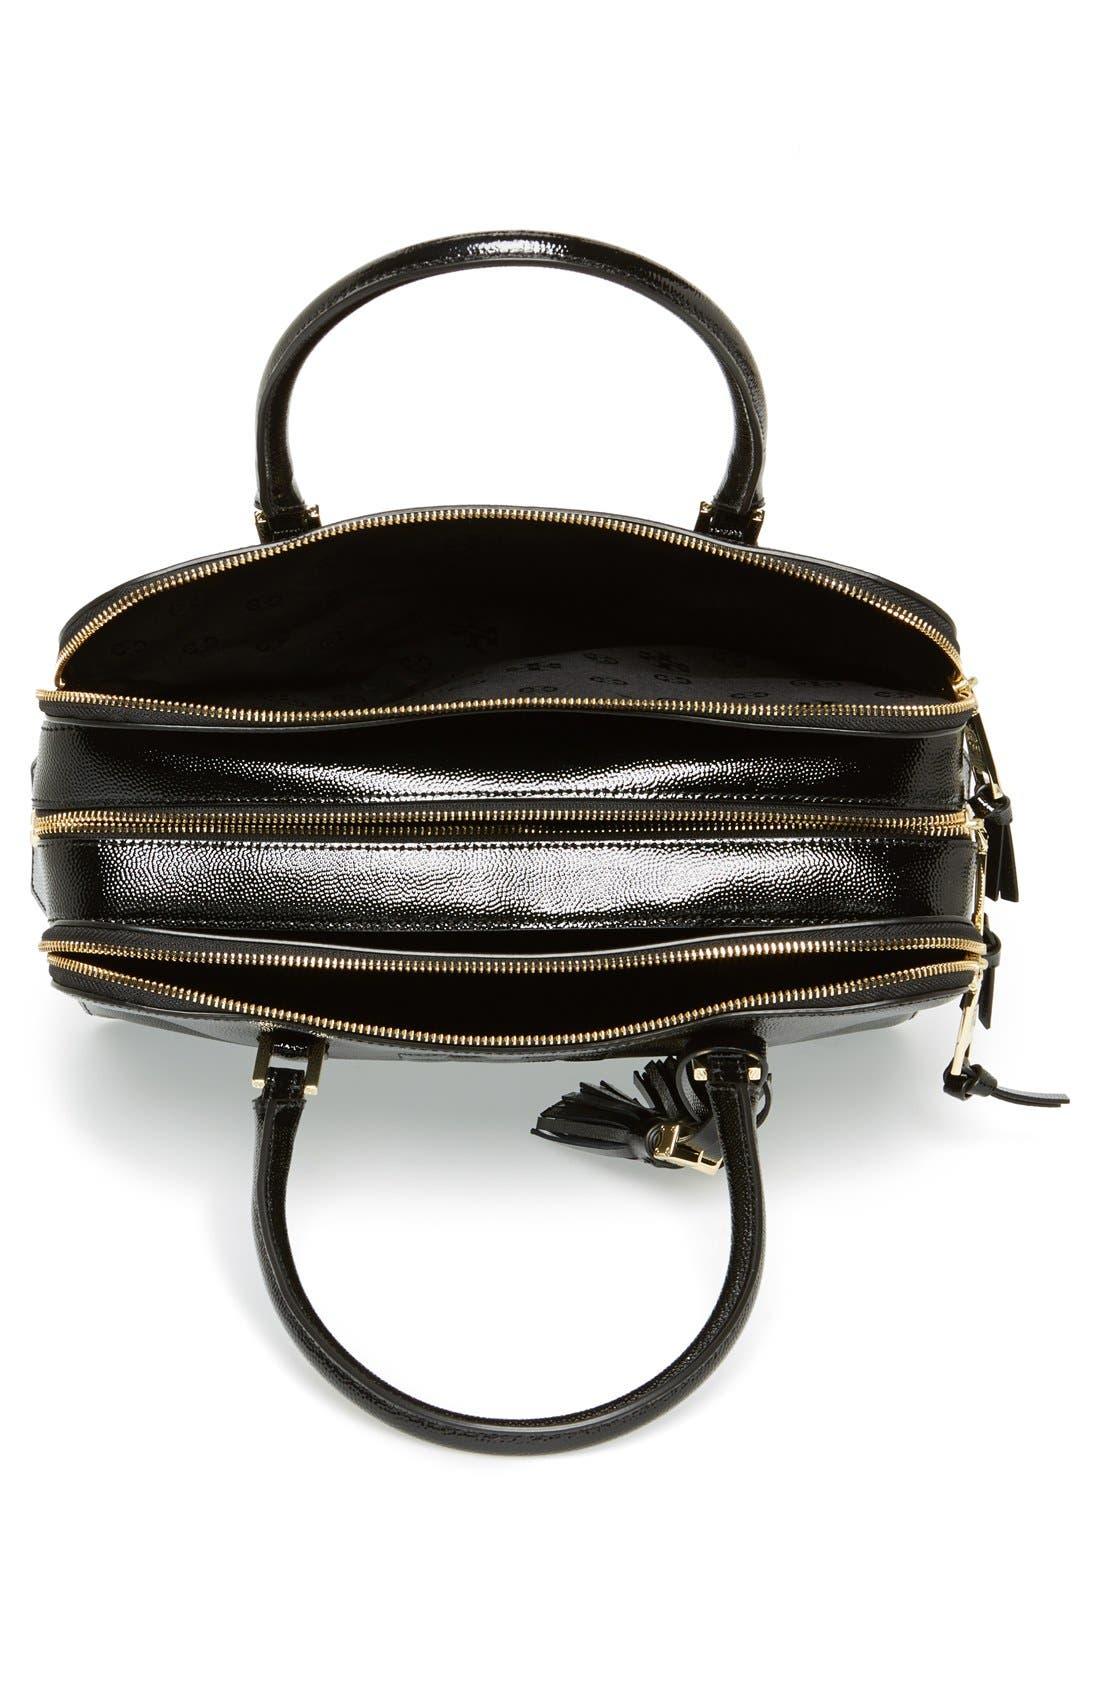 'Thea' Patent Leather Triple Zip Satchel,                             Alternate thumbnail 4, color,                             001